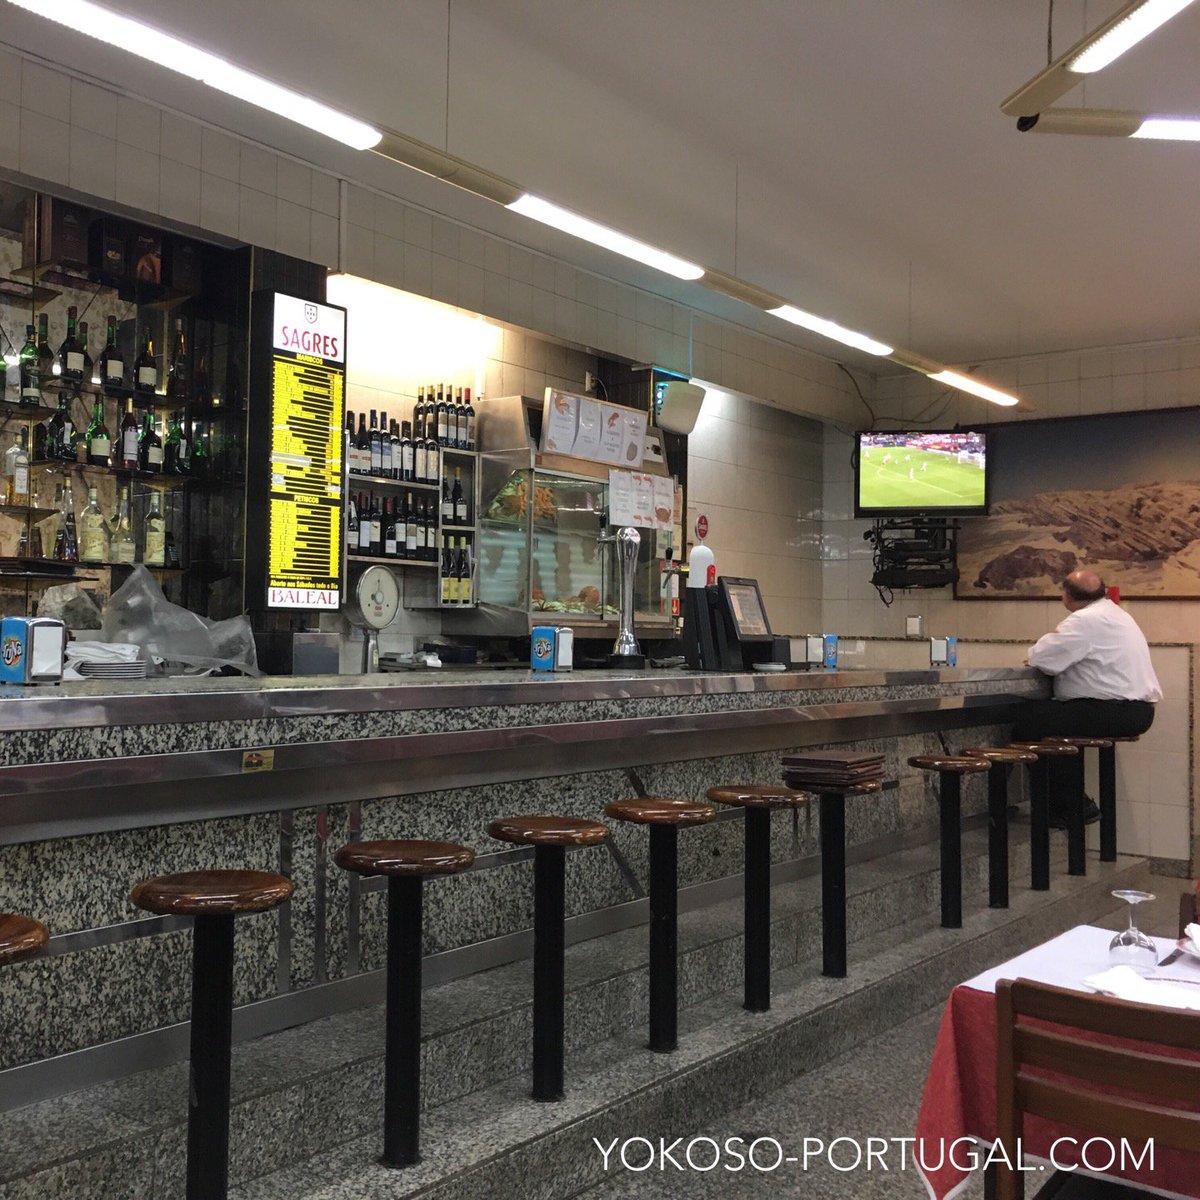 test ツイッターメディア - リスボンのバイシャ地区、昔ながらの雰囲気があるシーフードレストラン。カウンター席もあるので、お一人様でも軽く一杯でも気軽に入れます。 (@ Cervejaria Baleal) https://t.co/IKPT4IOEP4 https://t.co/iGGzAbq0Ib